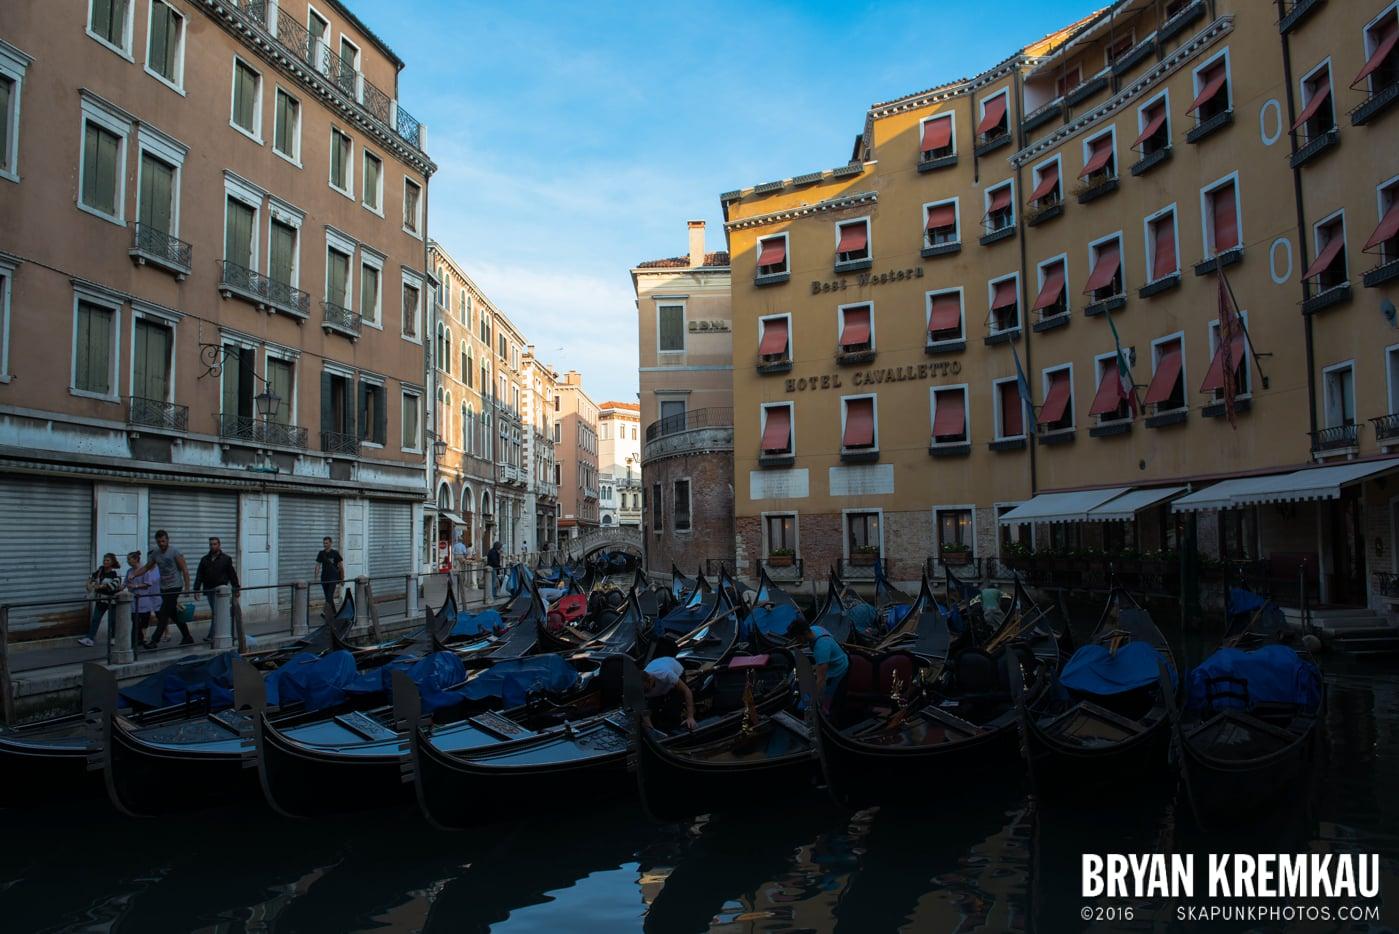 Italy Vacation - Day 5: Venice - 9.13.13 (89)